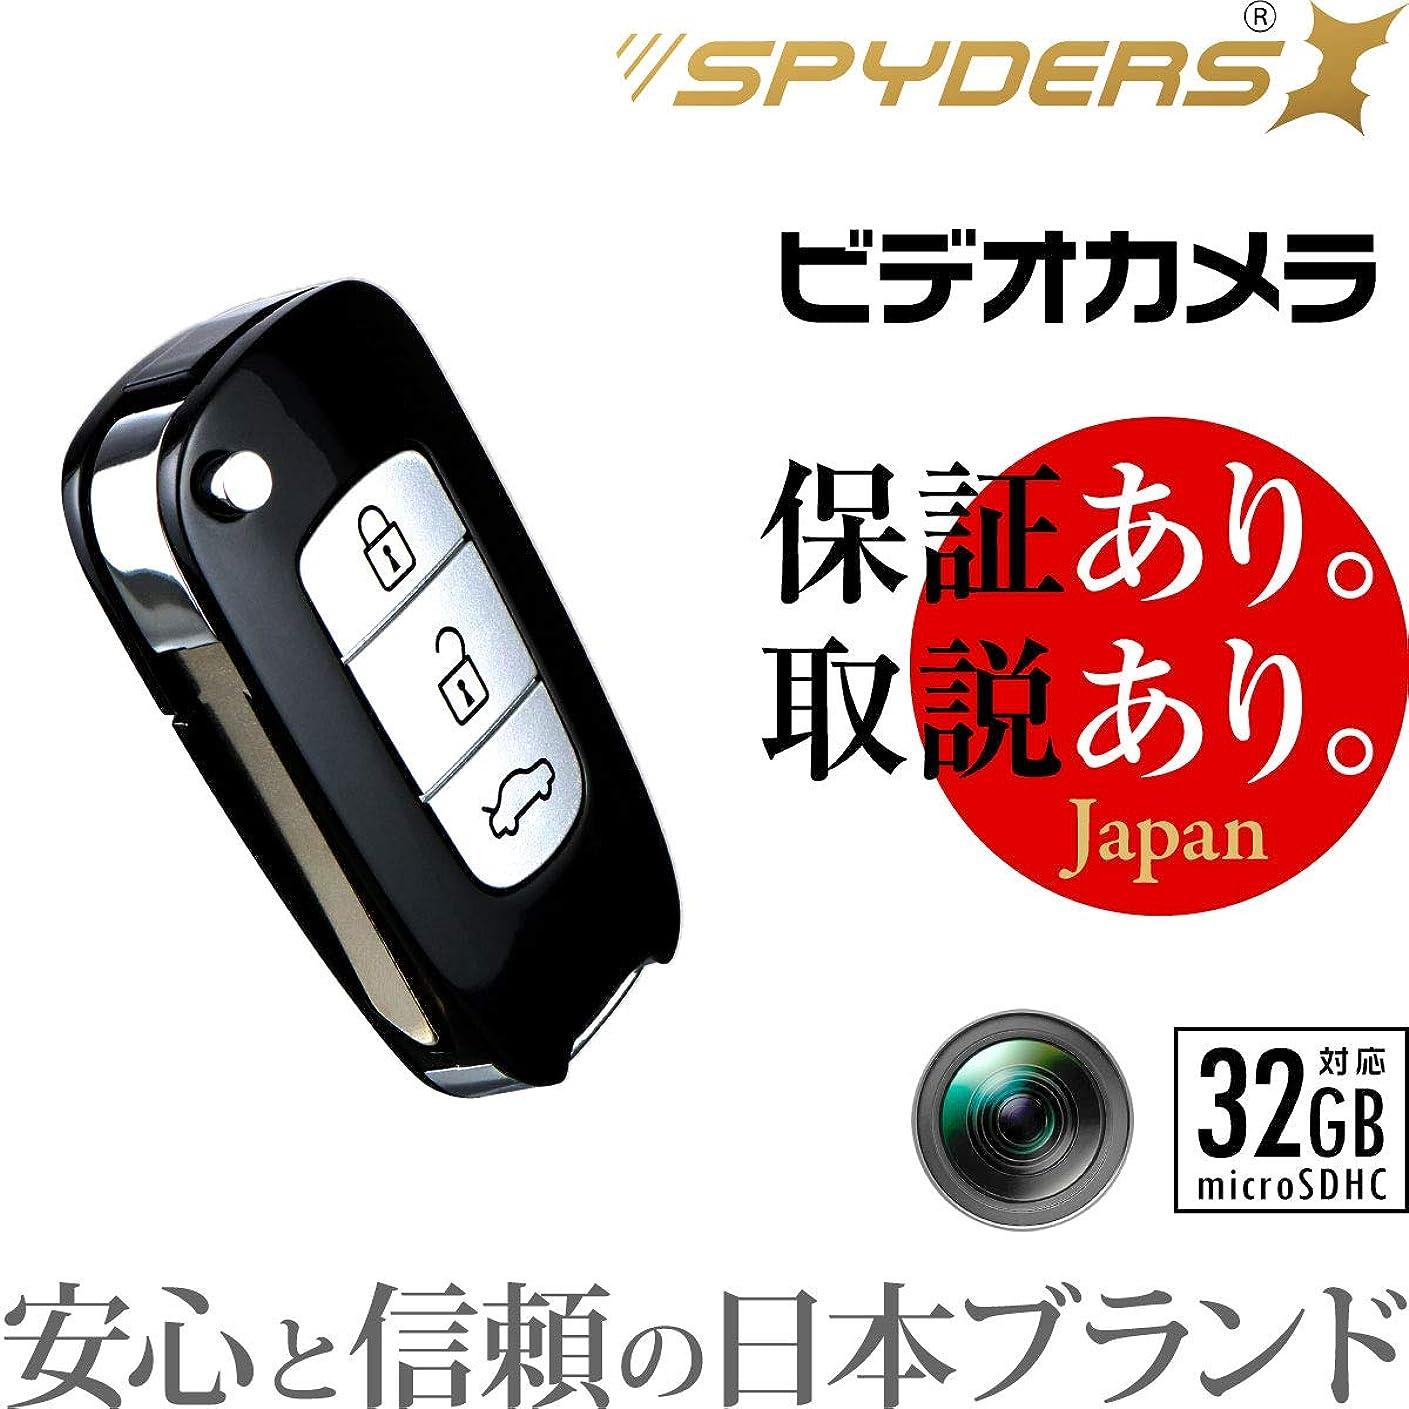 ドロップ座るアナリストスパイダーズX 小型カメラ キーレス型カメラ ブラック 防犯カメラ 1080P 録音機能 スパイカメラ A-206B